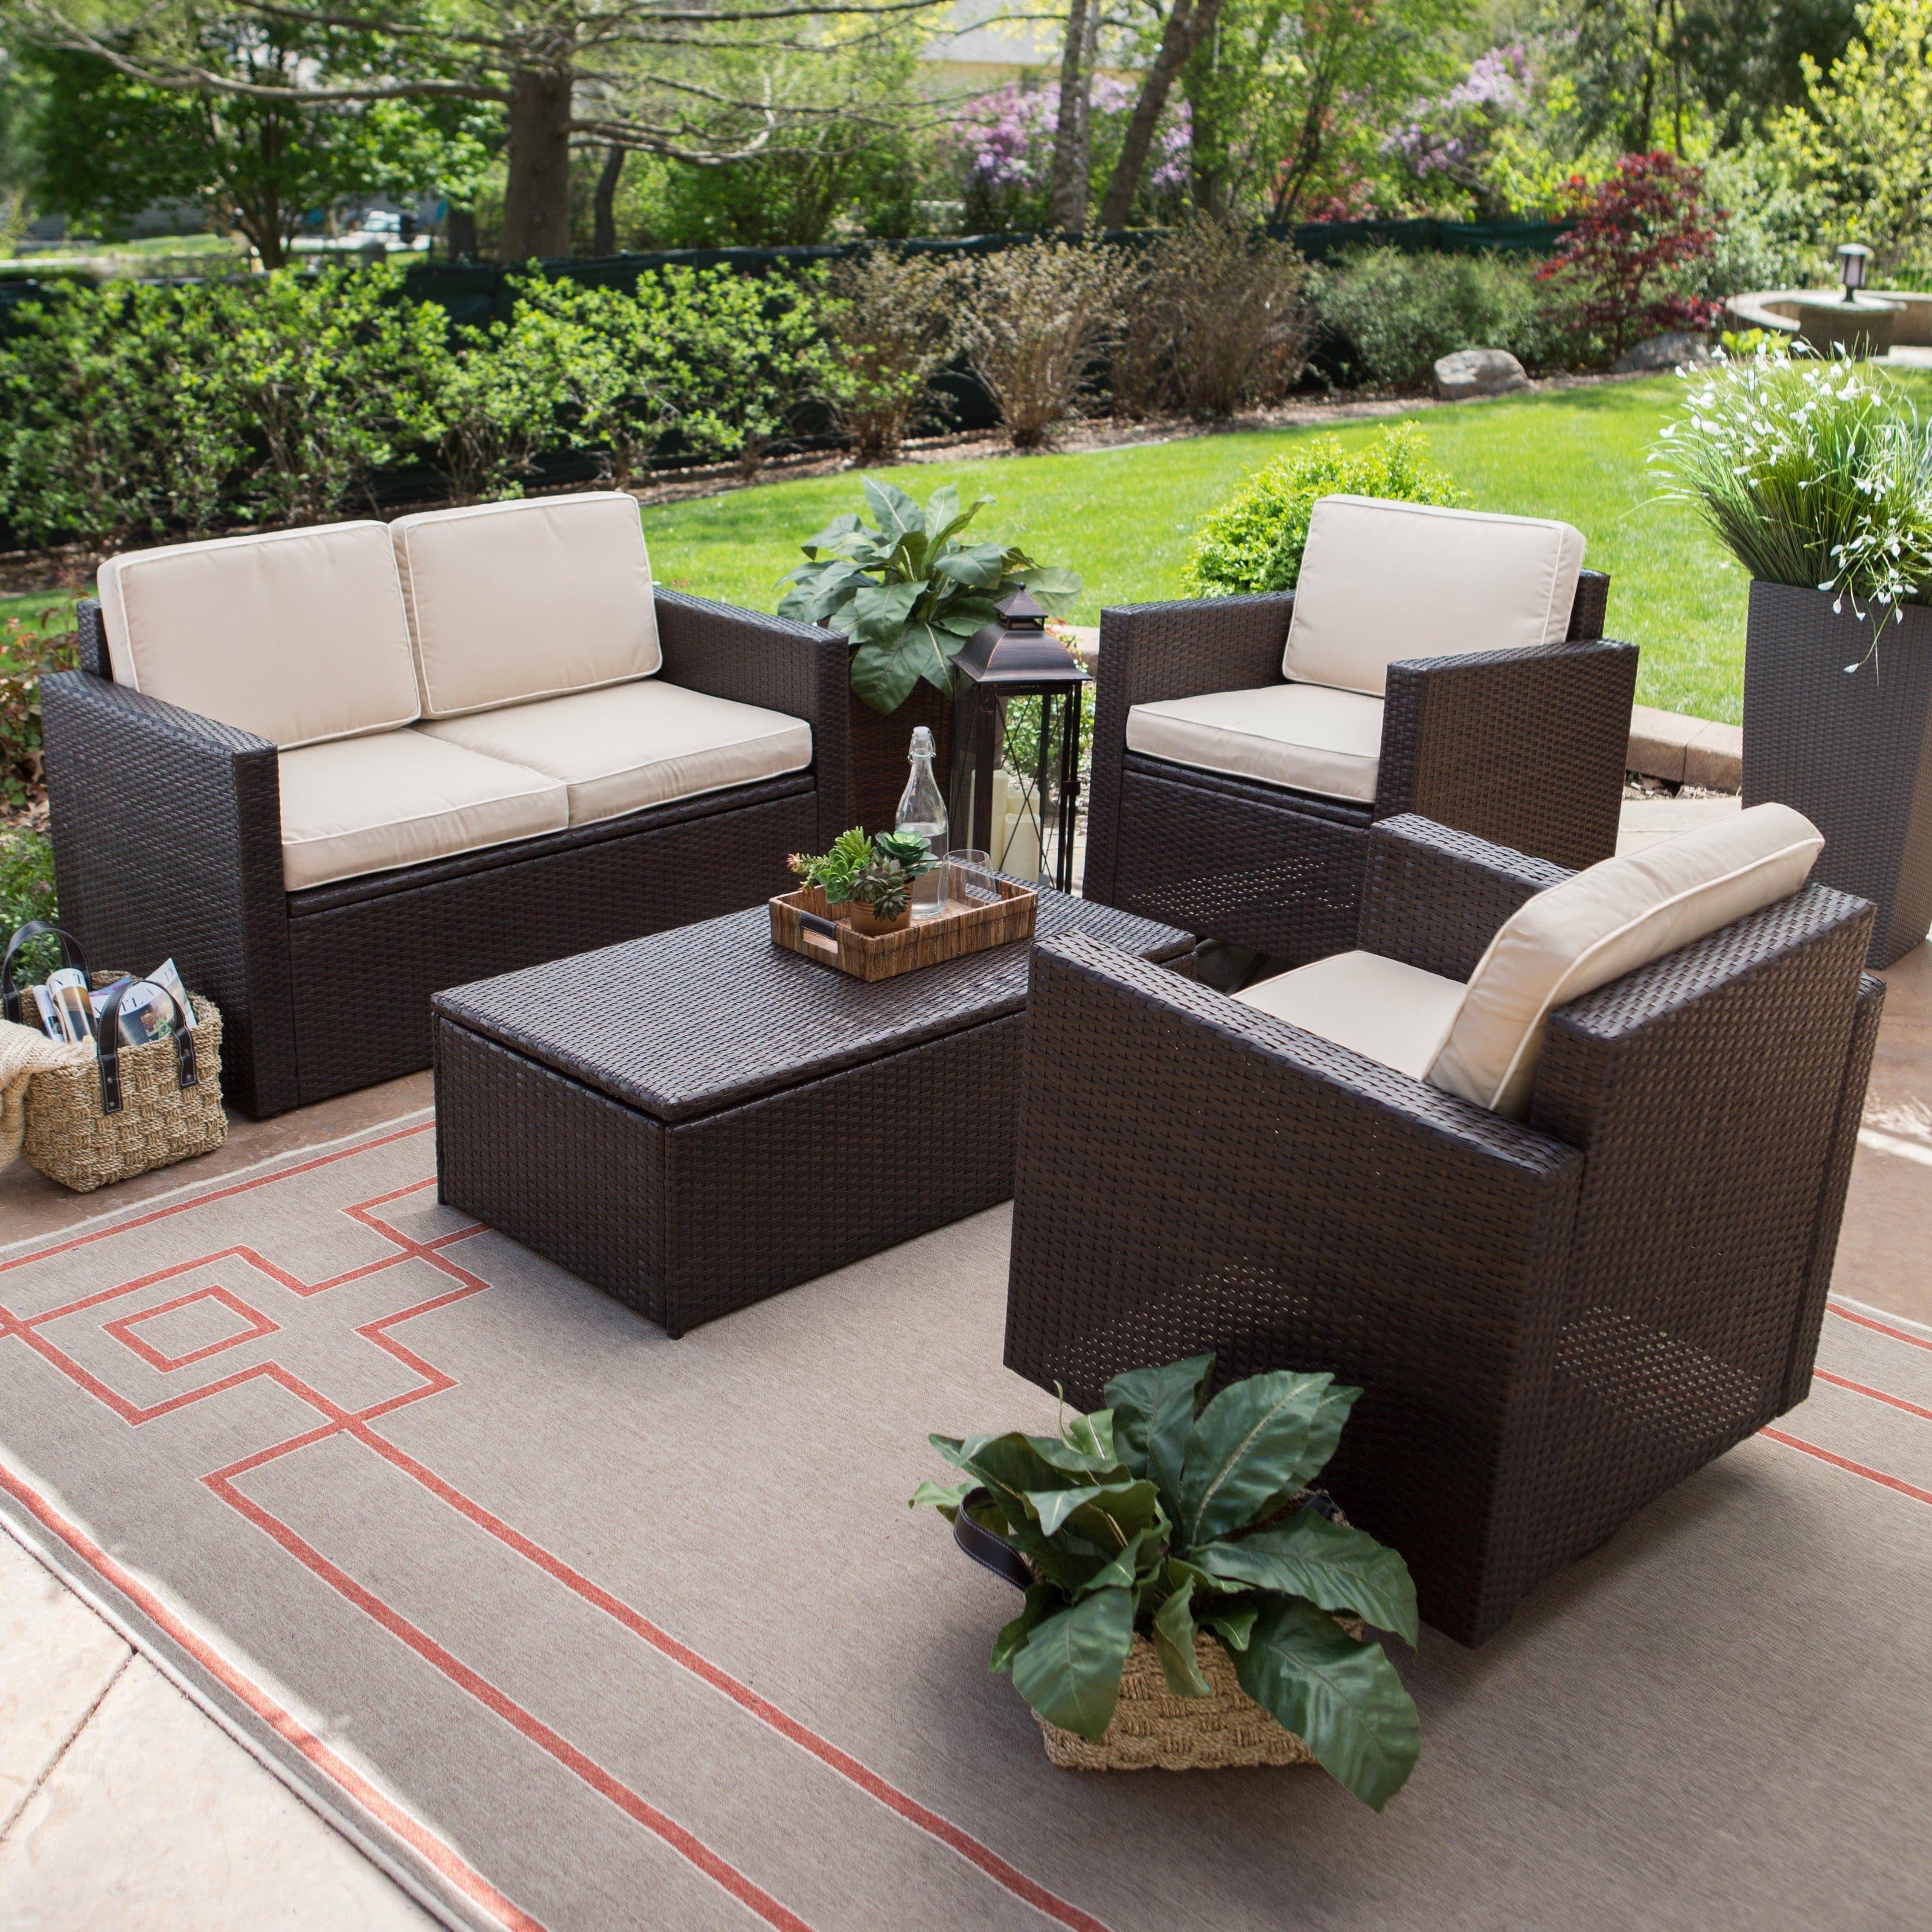 Coral Coast Berea Wicker 4 Piece Conversation Set With Patio Outdoor Conversation Wicker Furniture Sets S Terassenentwurf Außenterasse Outdoor Dekorationen